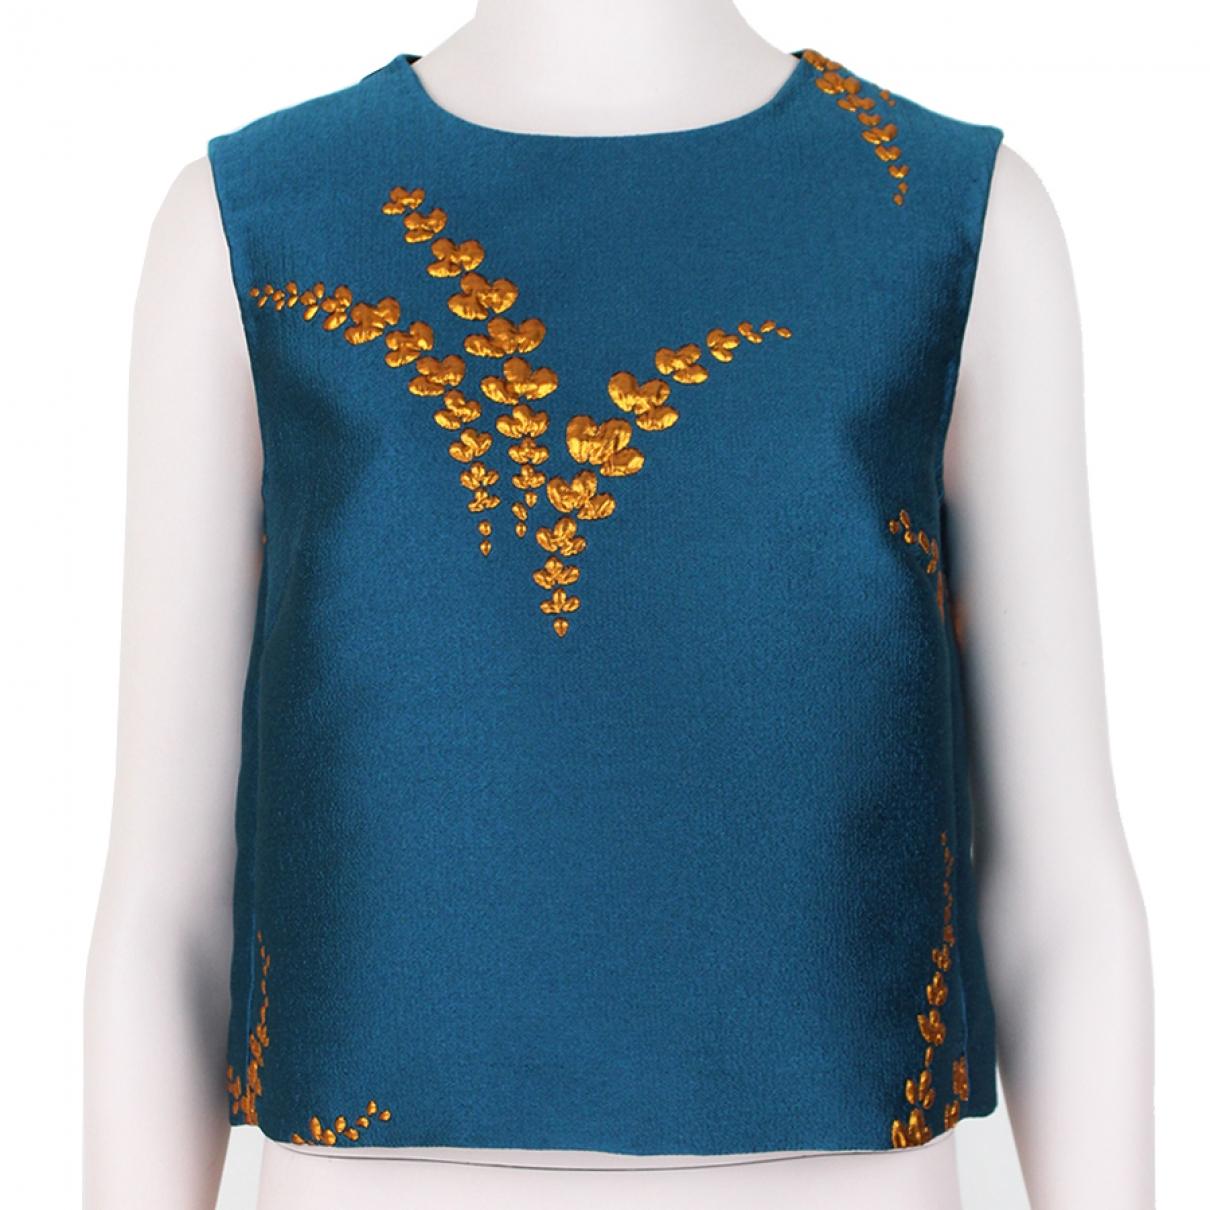 Dries Van Noten \N Blue  top for Women 36 FR